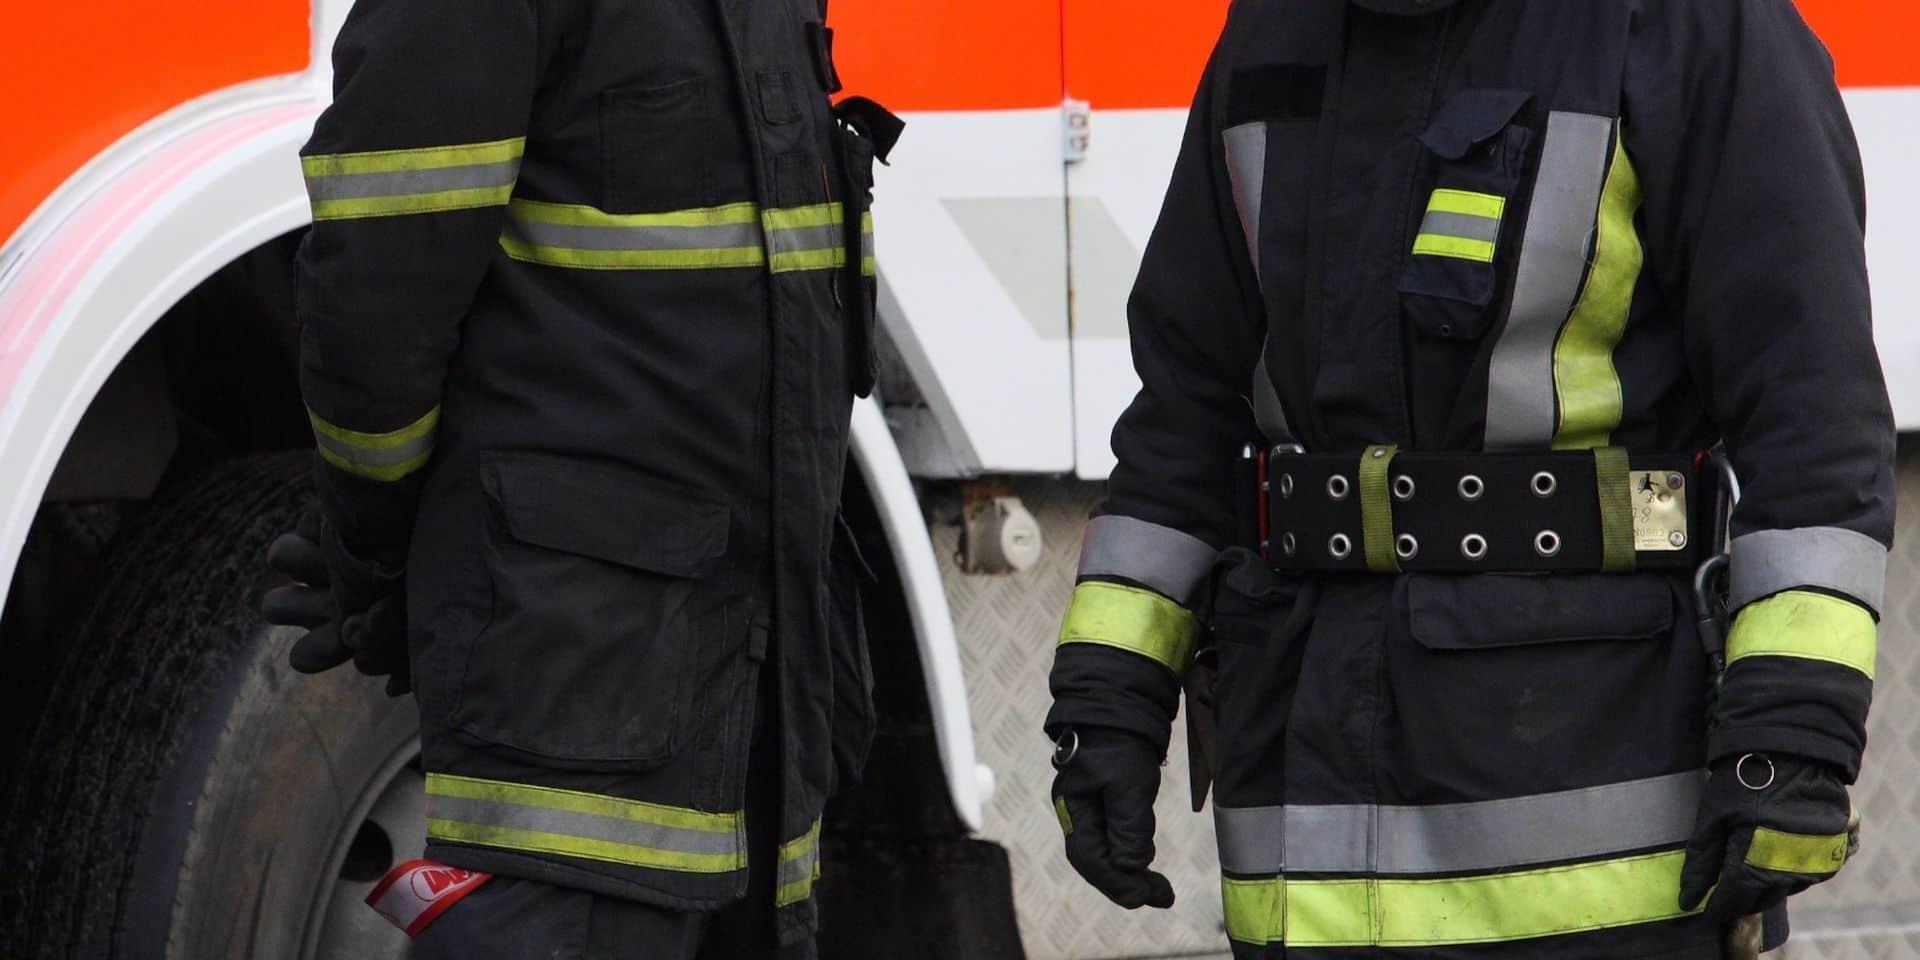 Cinq blessés dans une explosion à Couvin